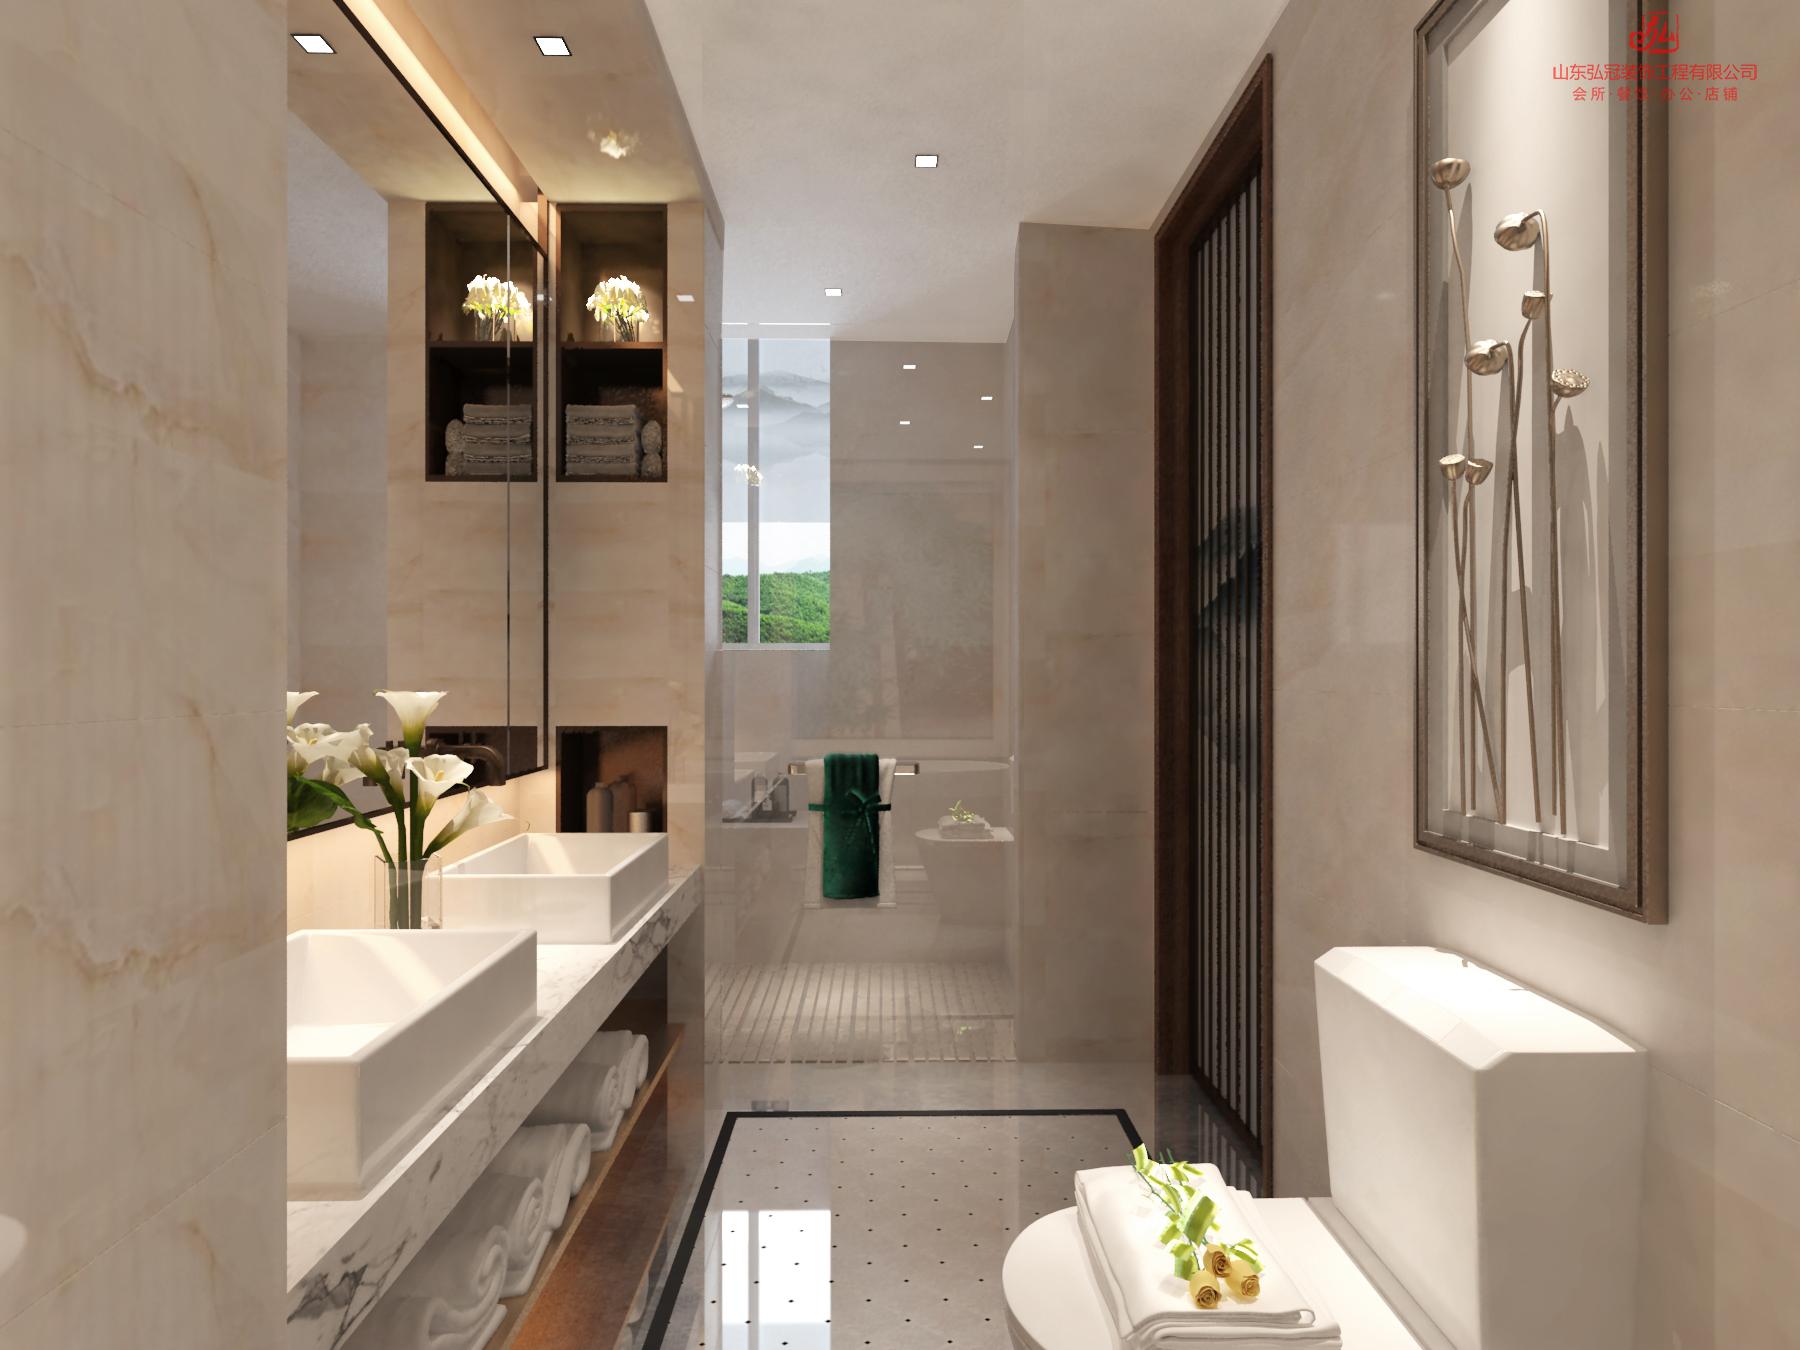 淄博酒店客房卫生间的设计注意事项